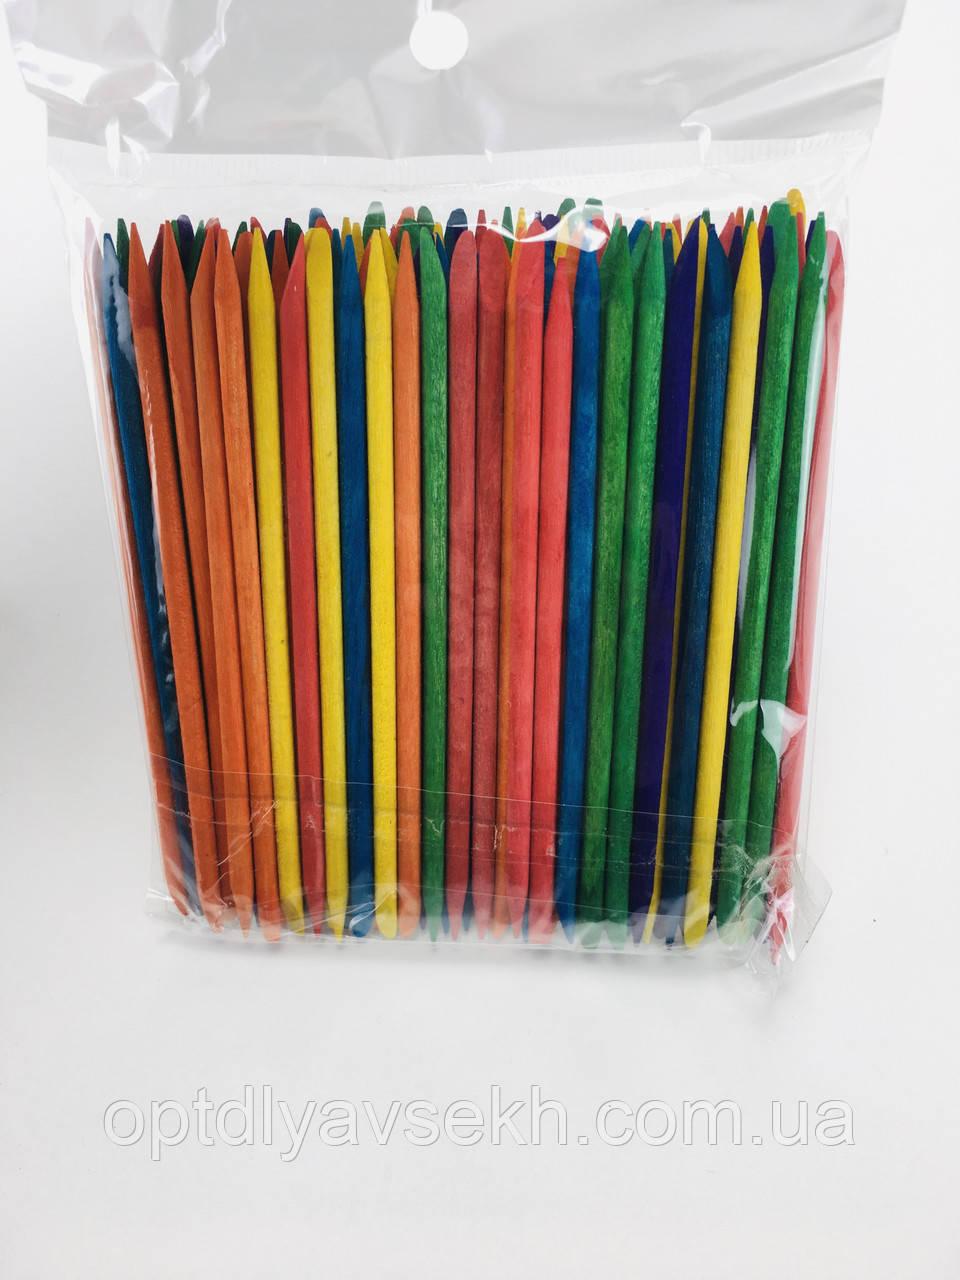 Апельсинові палички (різнокольорові) - упаковка 100 шт. 11.5 см